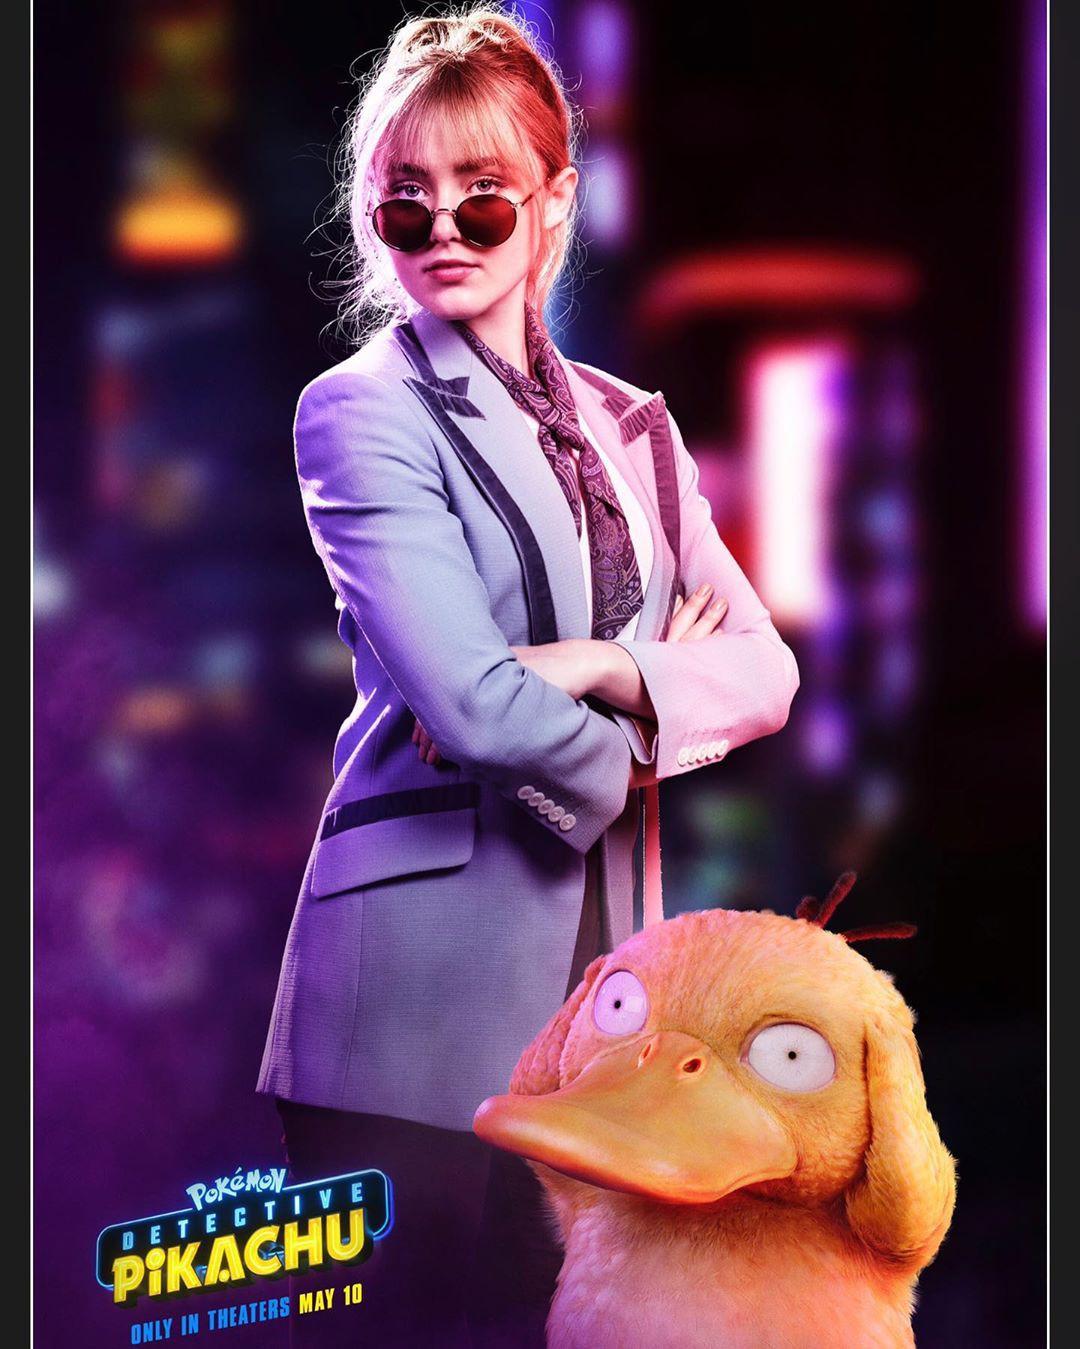 Không phải Ryan Reynolds, nữ chính Pokémon: Detective Pikachu mới là người được xin link nhiều nhất! - Ảnh 2.